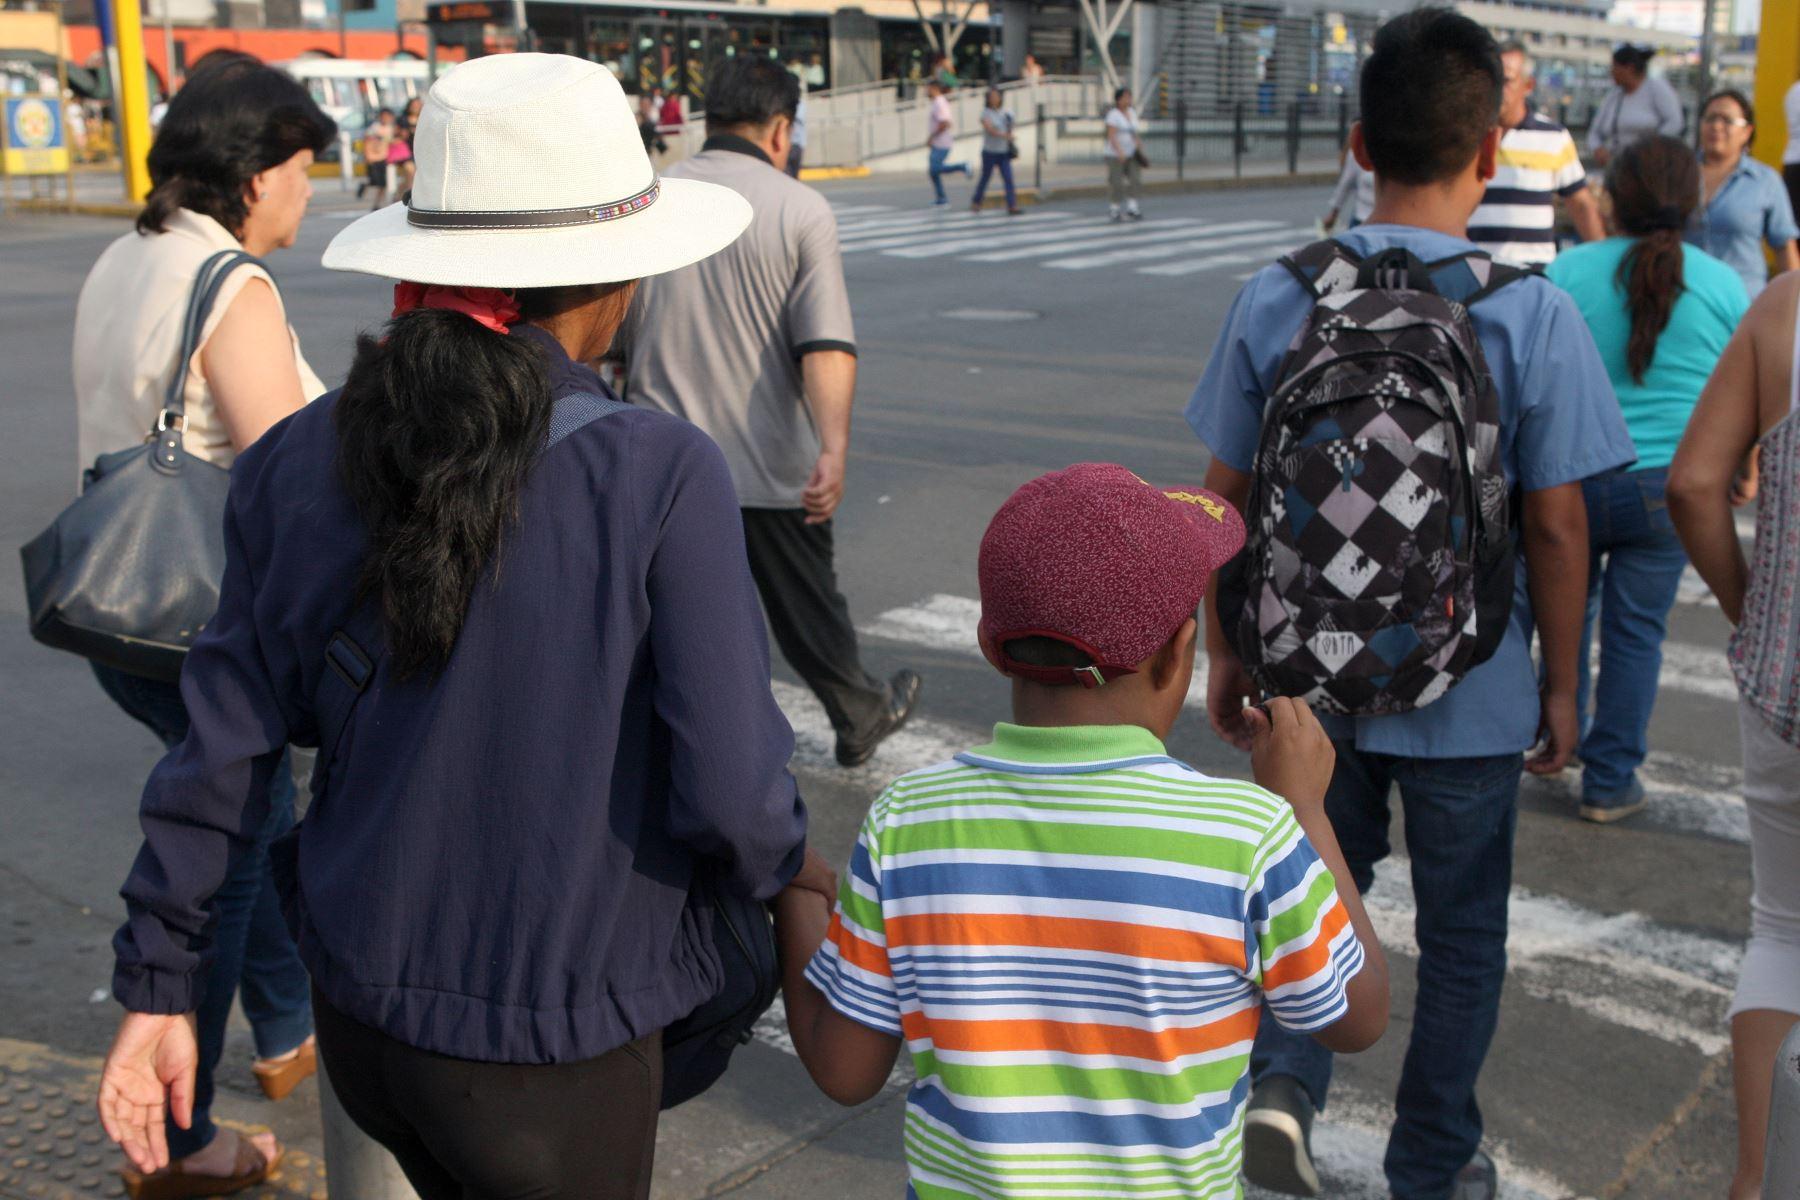 Protegerse con sombreros o gorras es recomendable ante el intenso calor que se espera desde hoy en el norte. Foto: ANDINA/Héctor Vinces